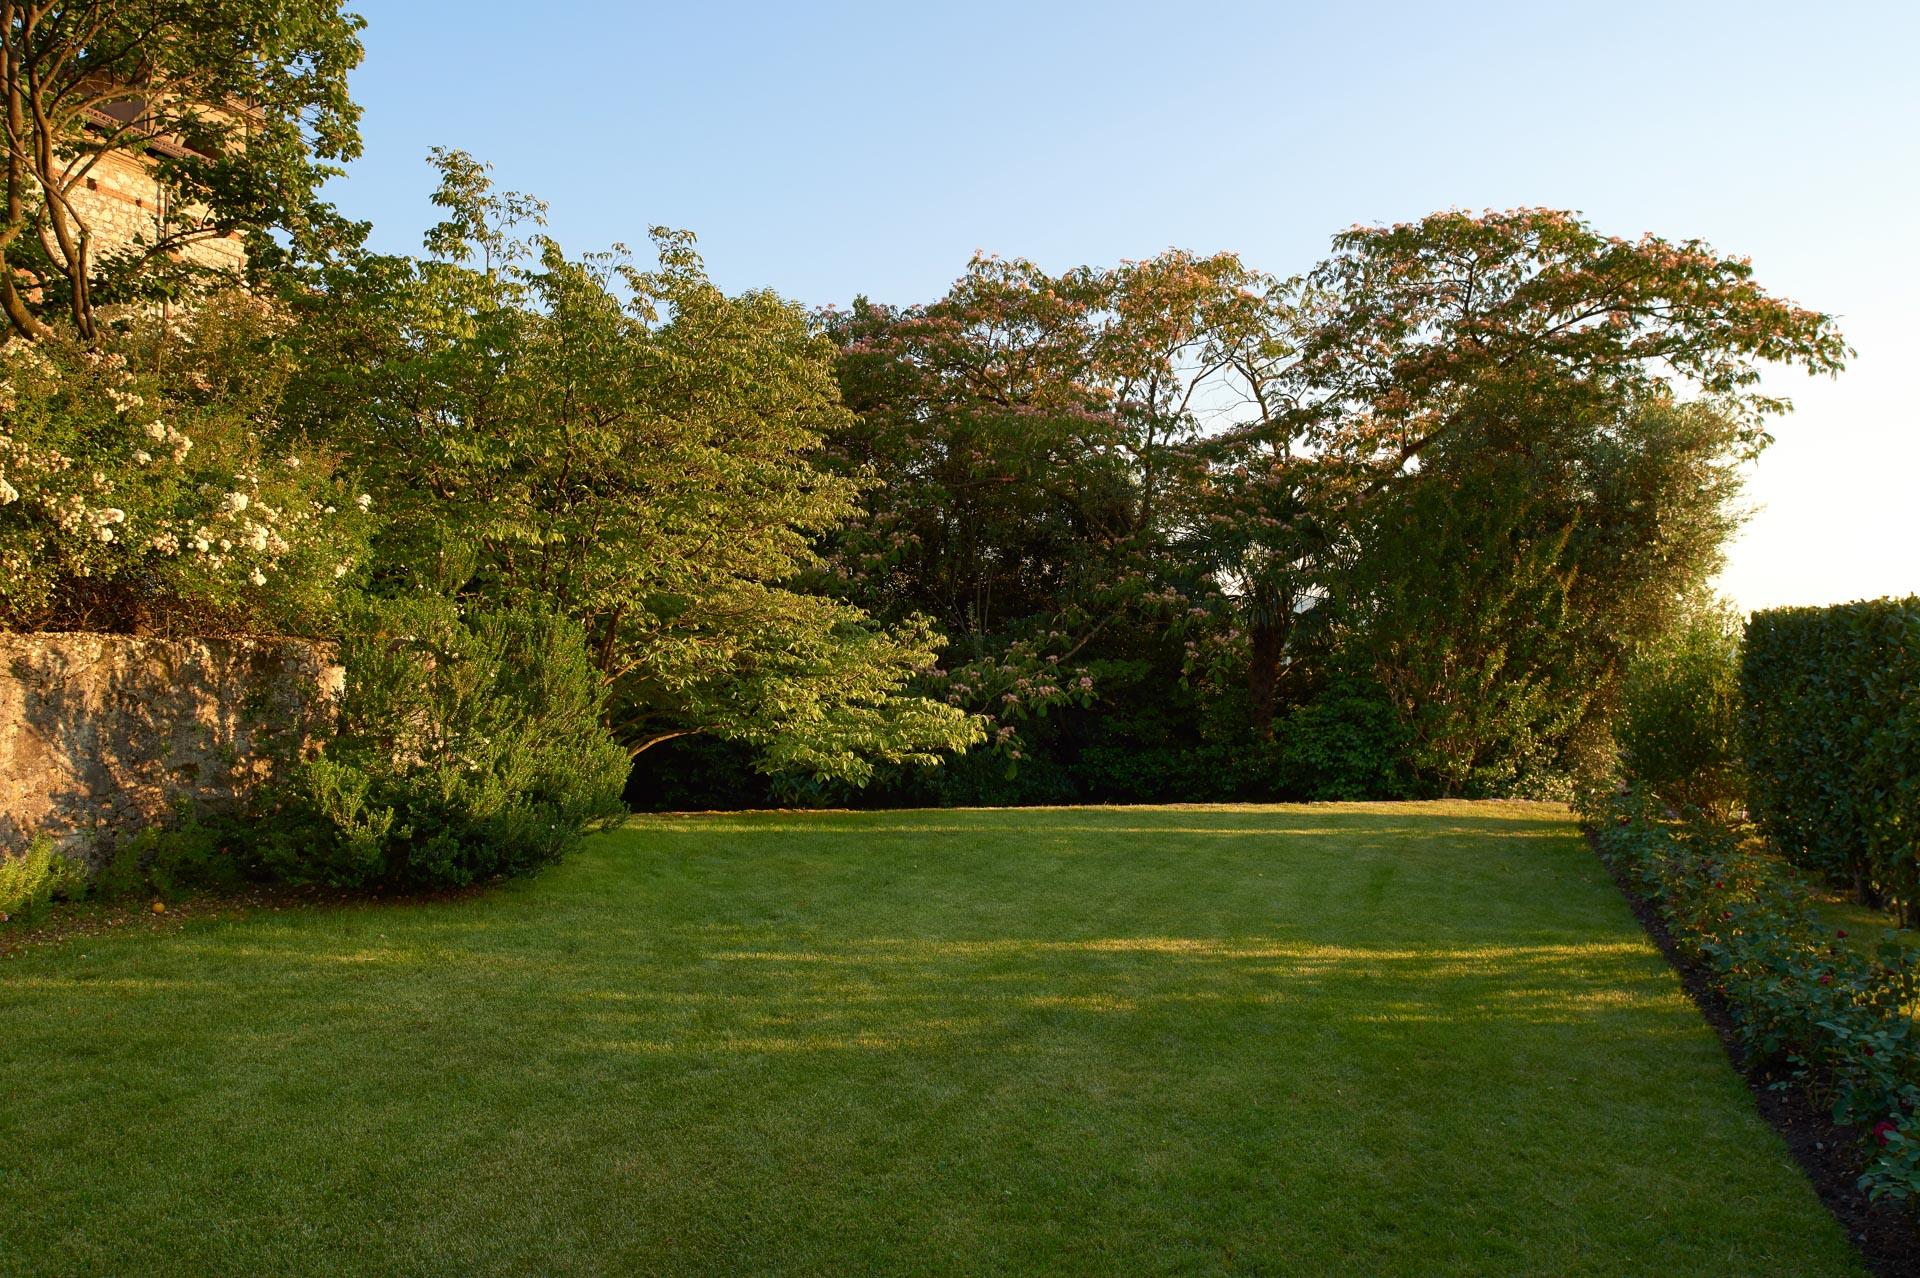 giardino prato